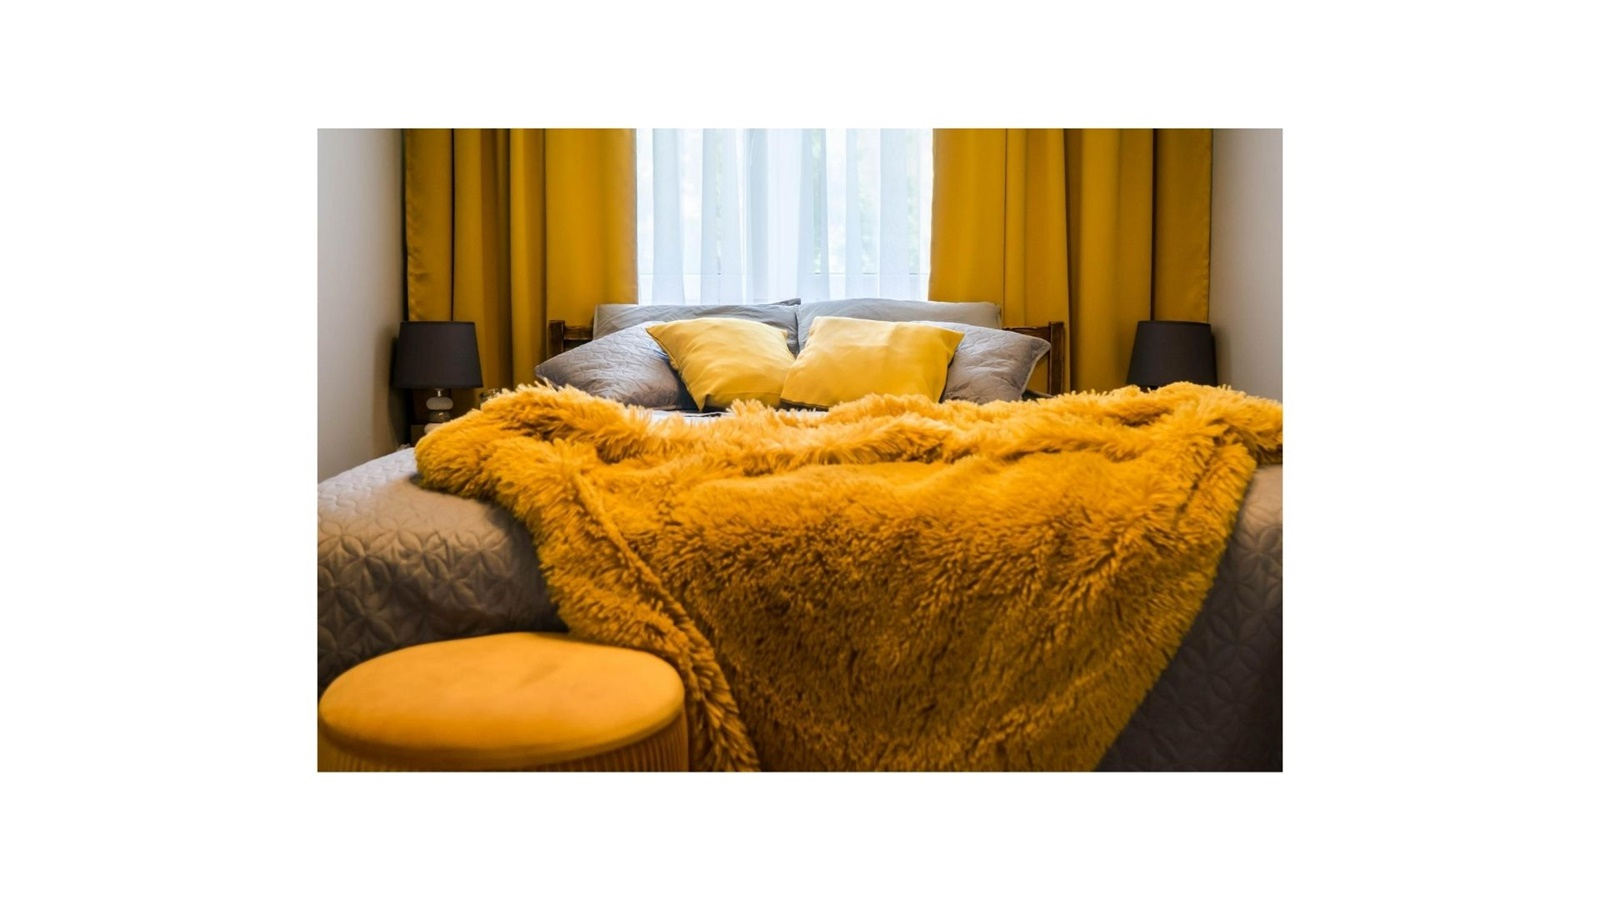 inspiracje pomysły jak urządzić sypialnię żółte zaciemniające grube zasłony żółte dodatki w mieszkaniu szara narzuta pościel na łóżko tanie szafki nocne pufa do sypialni tiulowe zasłony ikea boprix cena